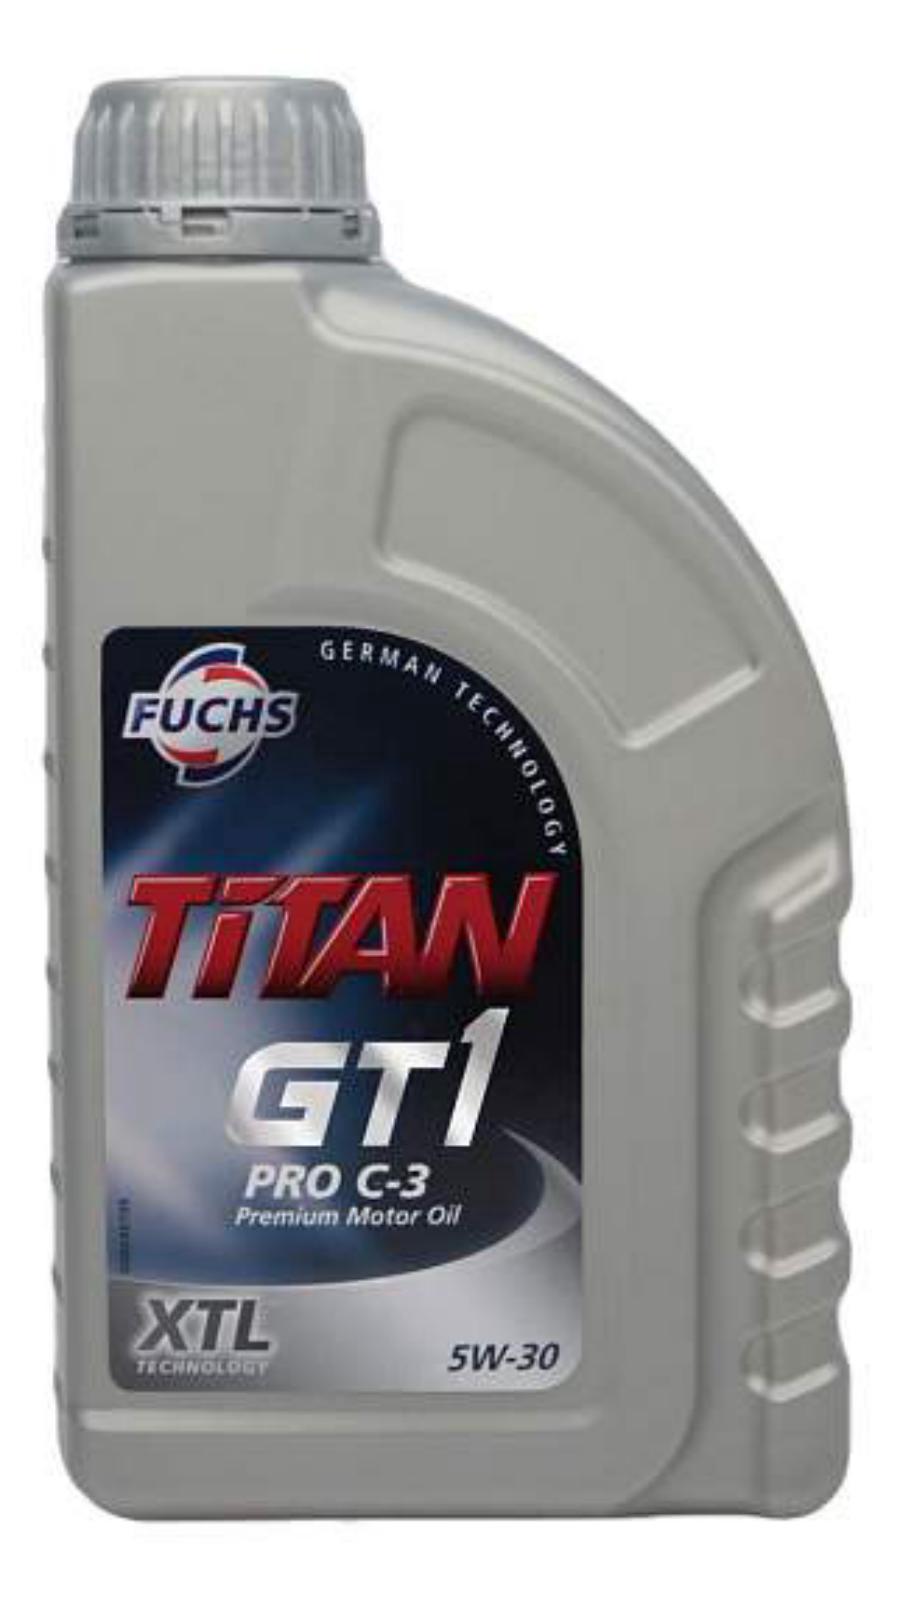 Масло моторное синтетическое TITAN GT1 PRO C-3 5W-30, 1л